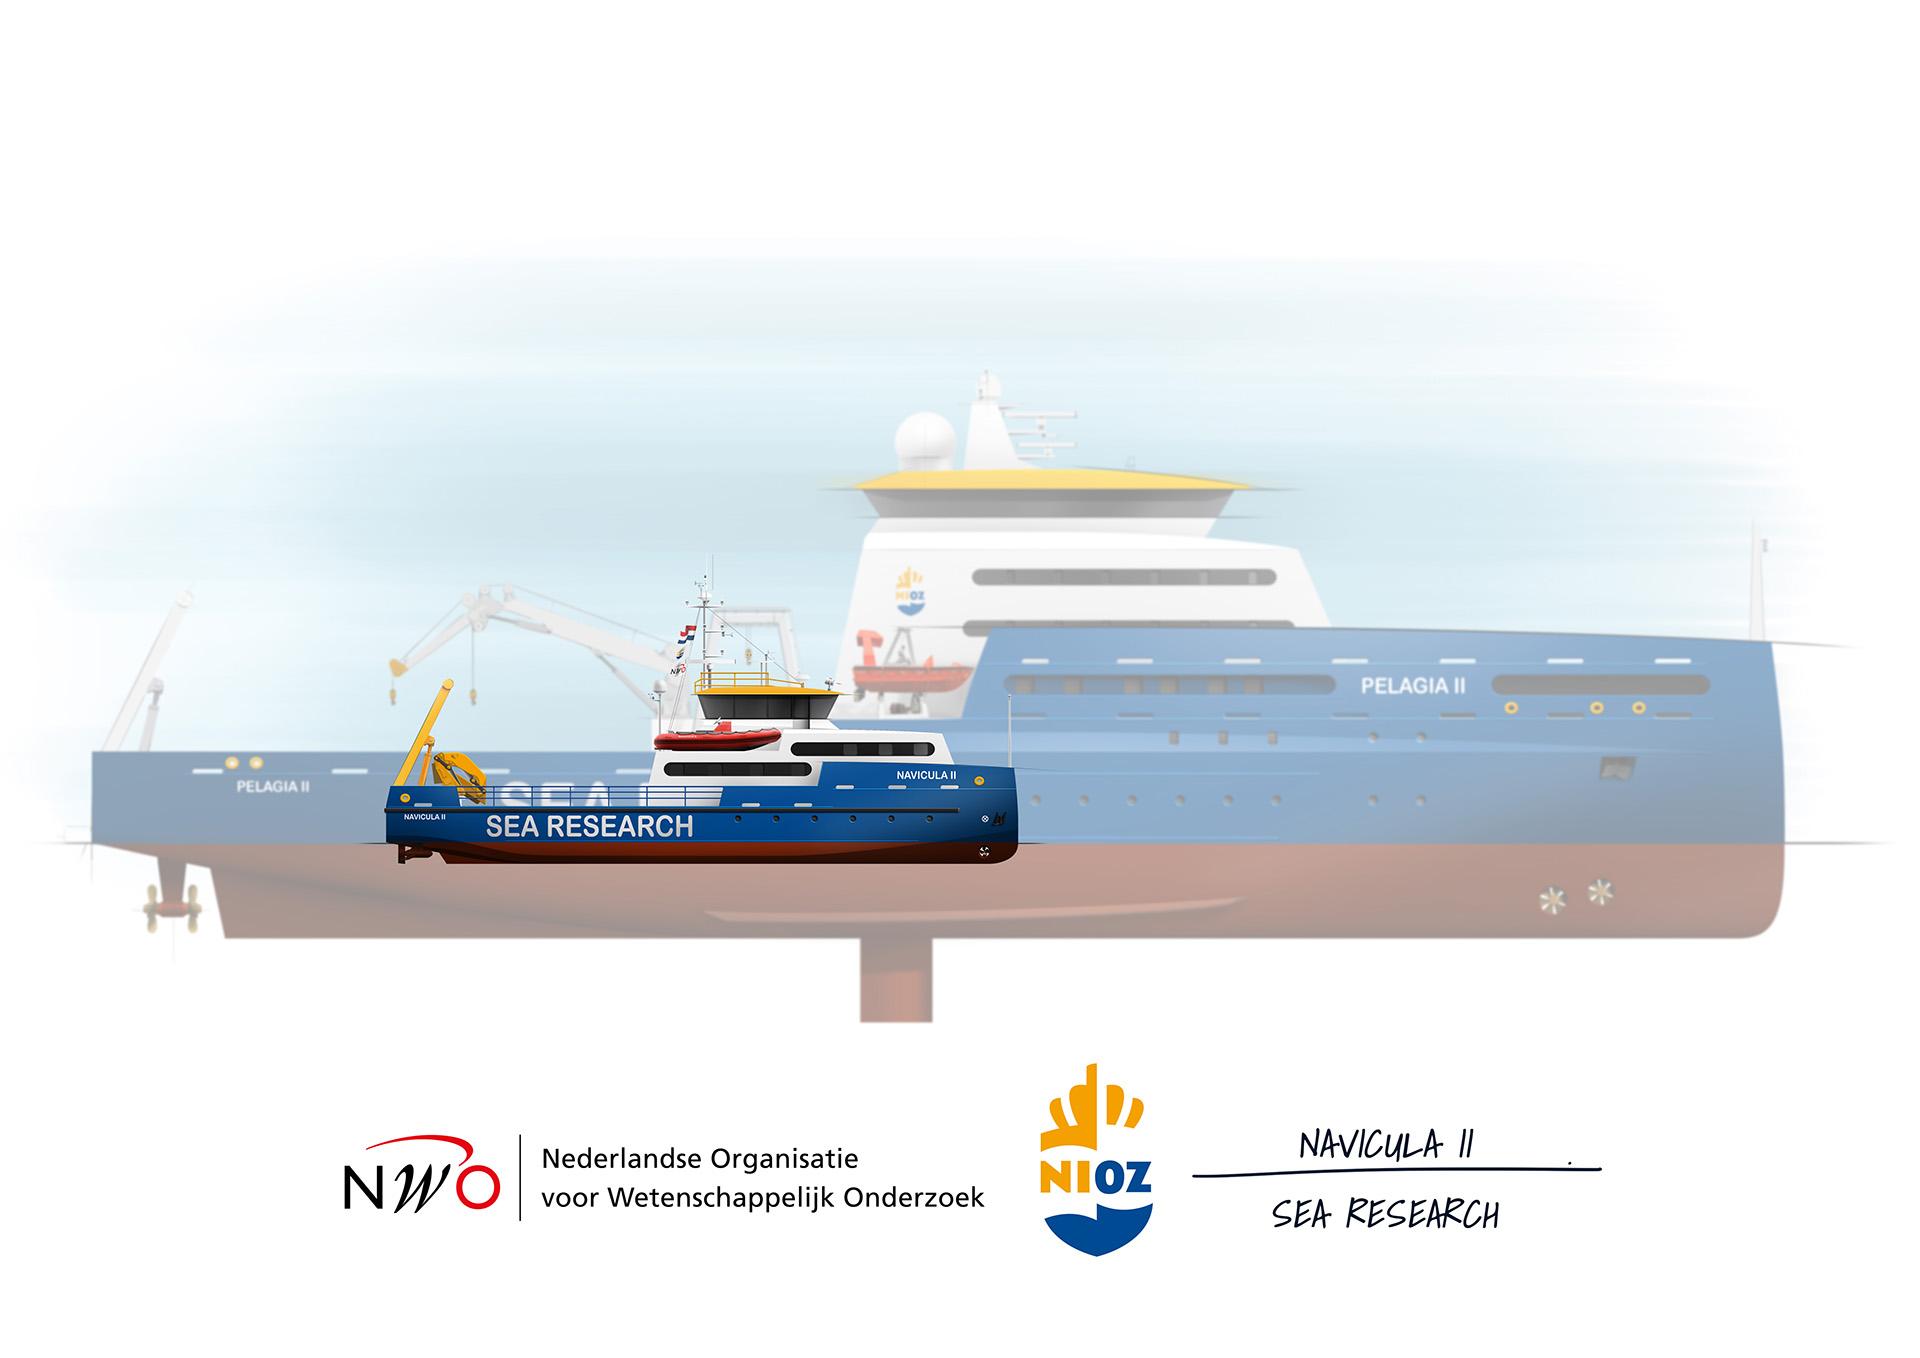 NIOZ-Concept arrangement by Sikko Valk